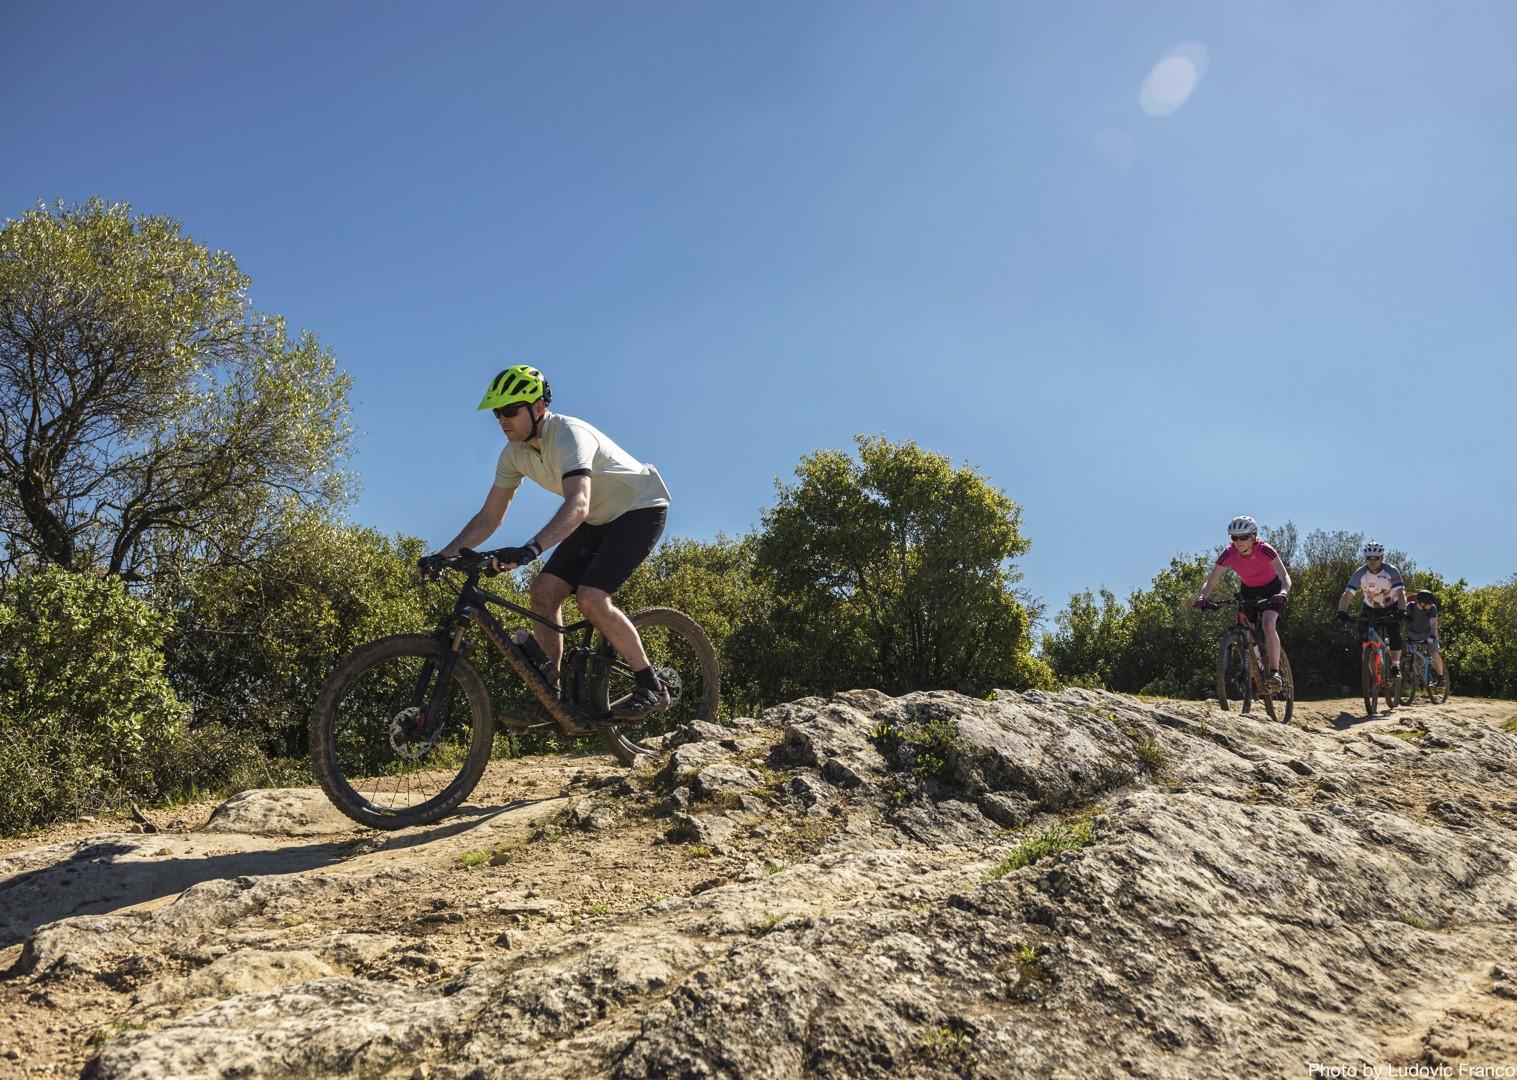 mountainous-terrain-cycling-holiday-atlantic-trails-portugal.jpg - Portugal - Atlantic Trails - Mountain Biking